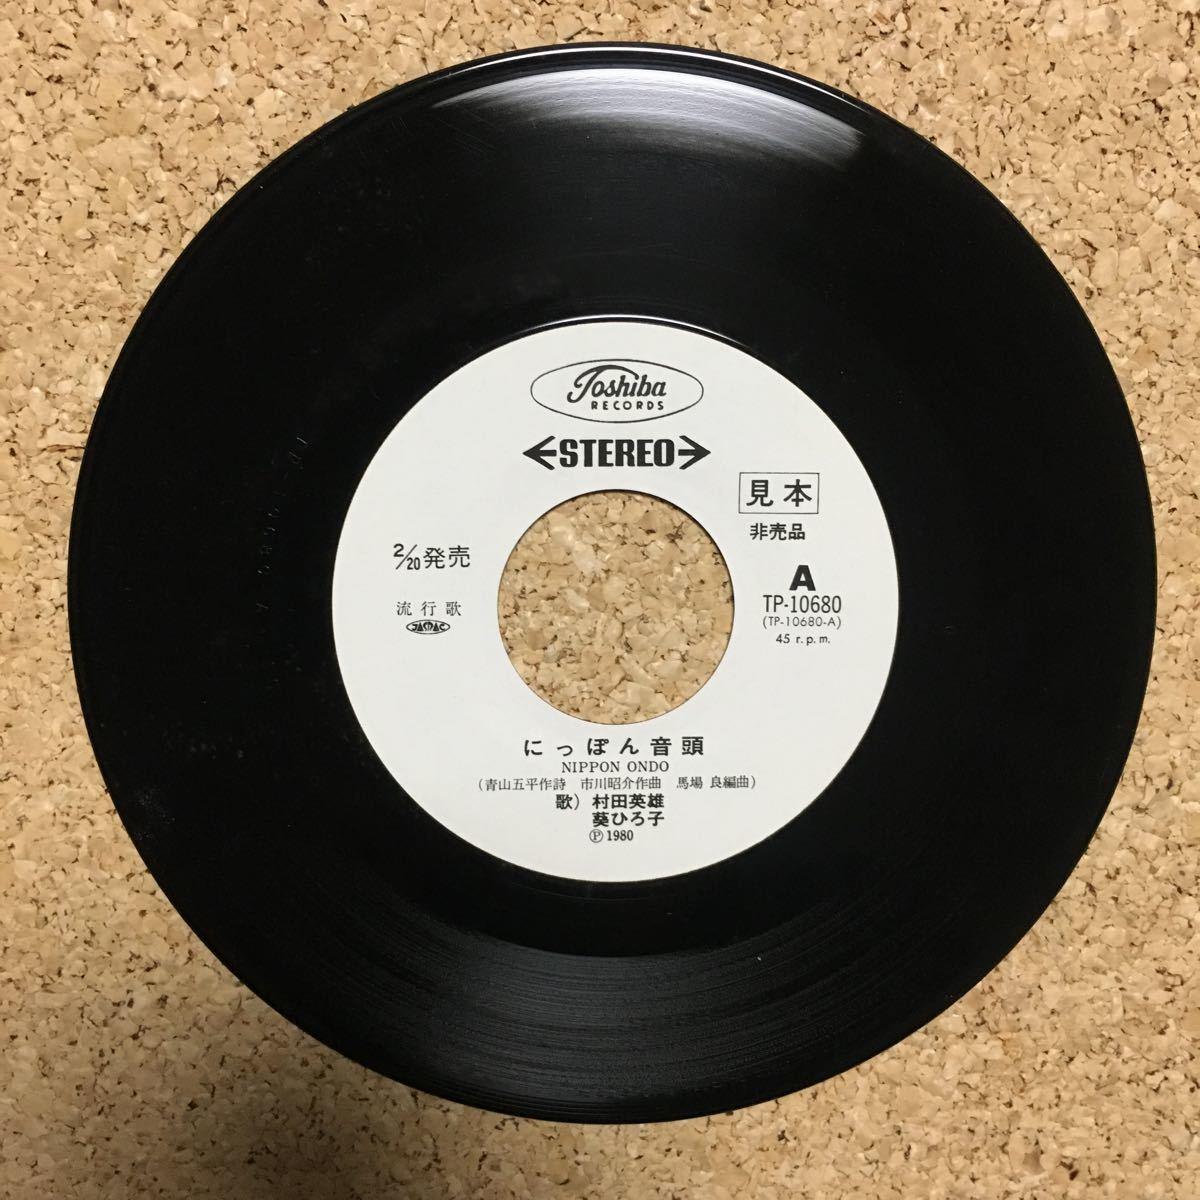 村田英雄 / 葵ひろ子 / にっぽん音頭 / あすなろ囃子 / レコード EP 見本盤 非売品_画像4